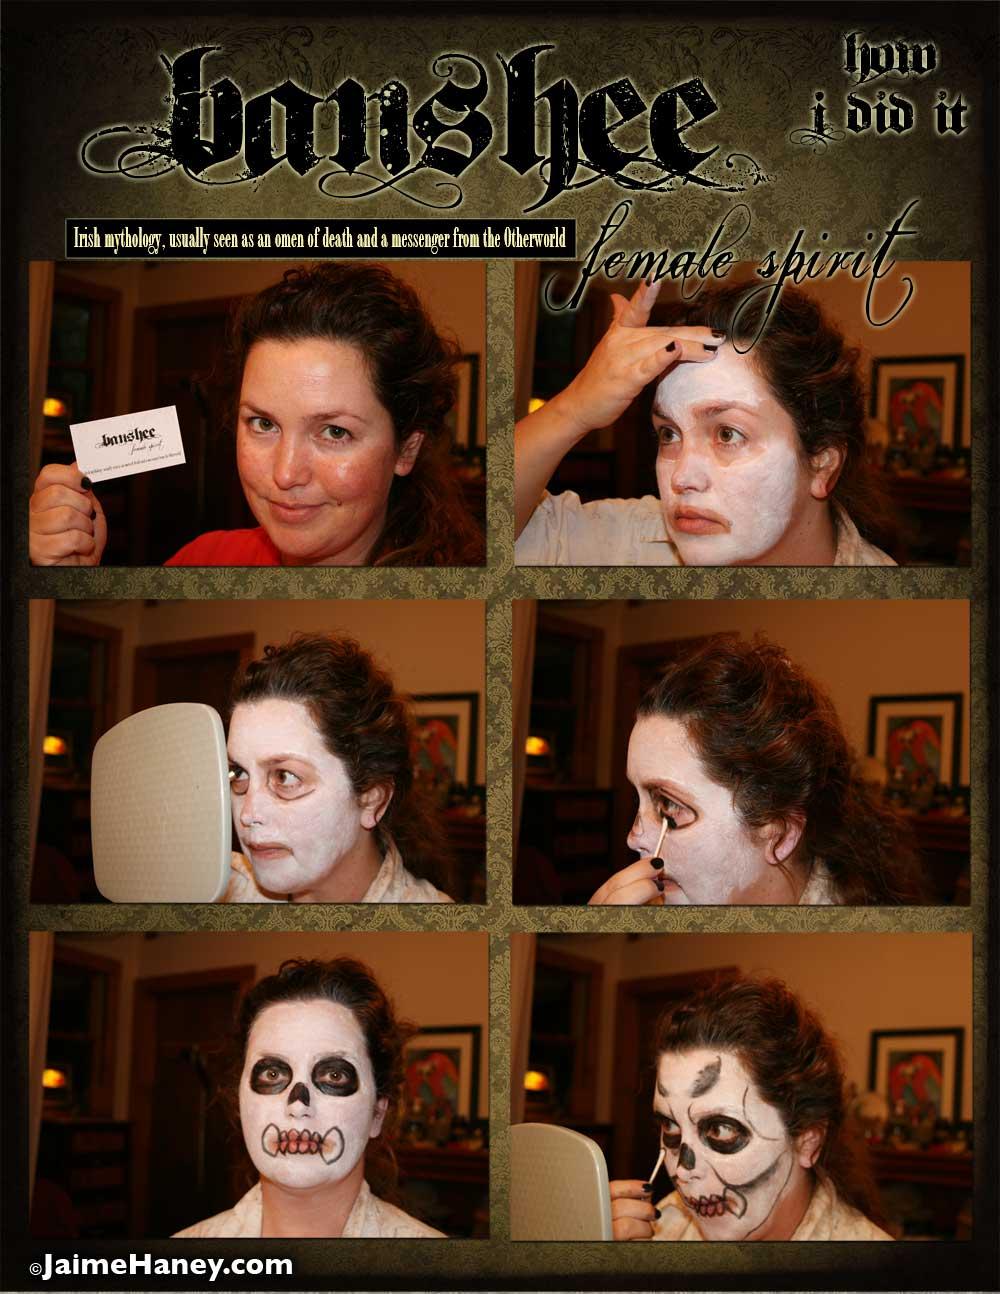 Banshee female spirit makeup tutorial part 1